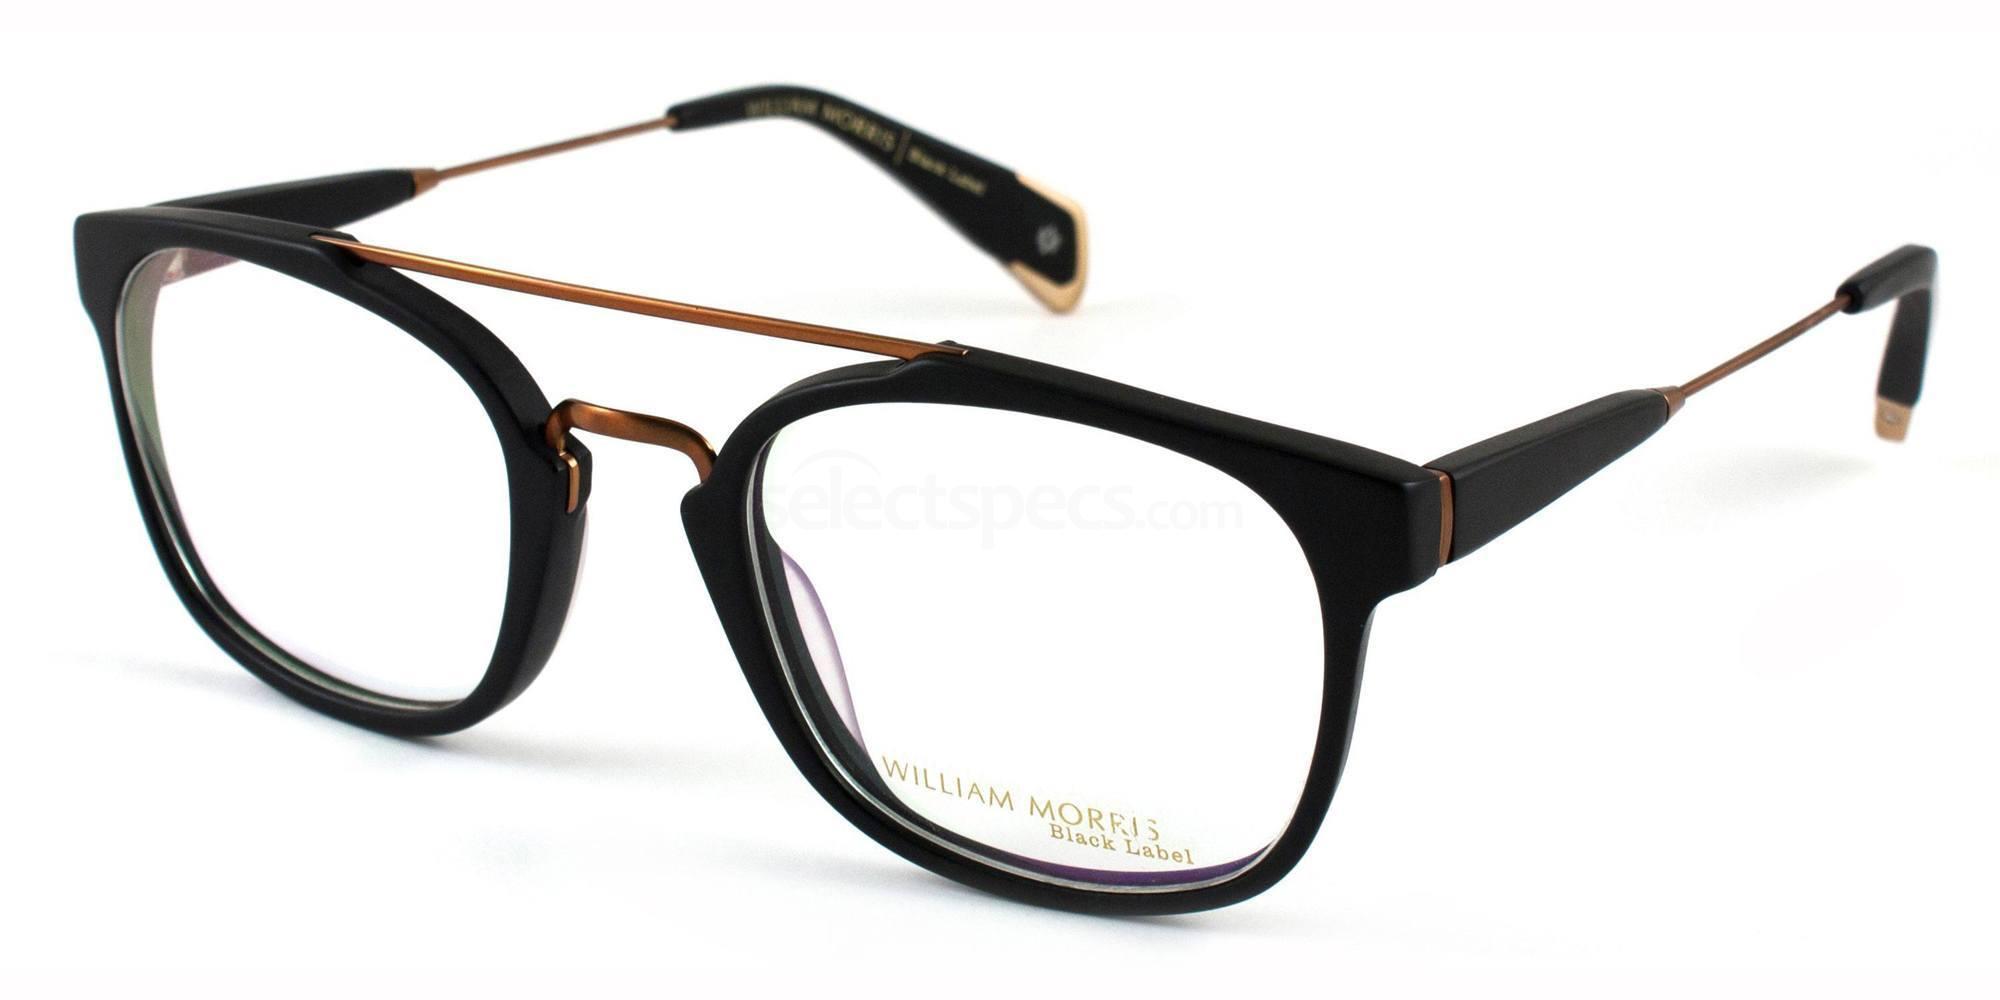 C1 BL36 Glasses, William Morris Black Label